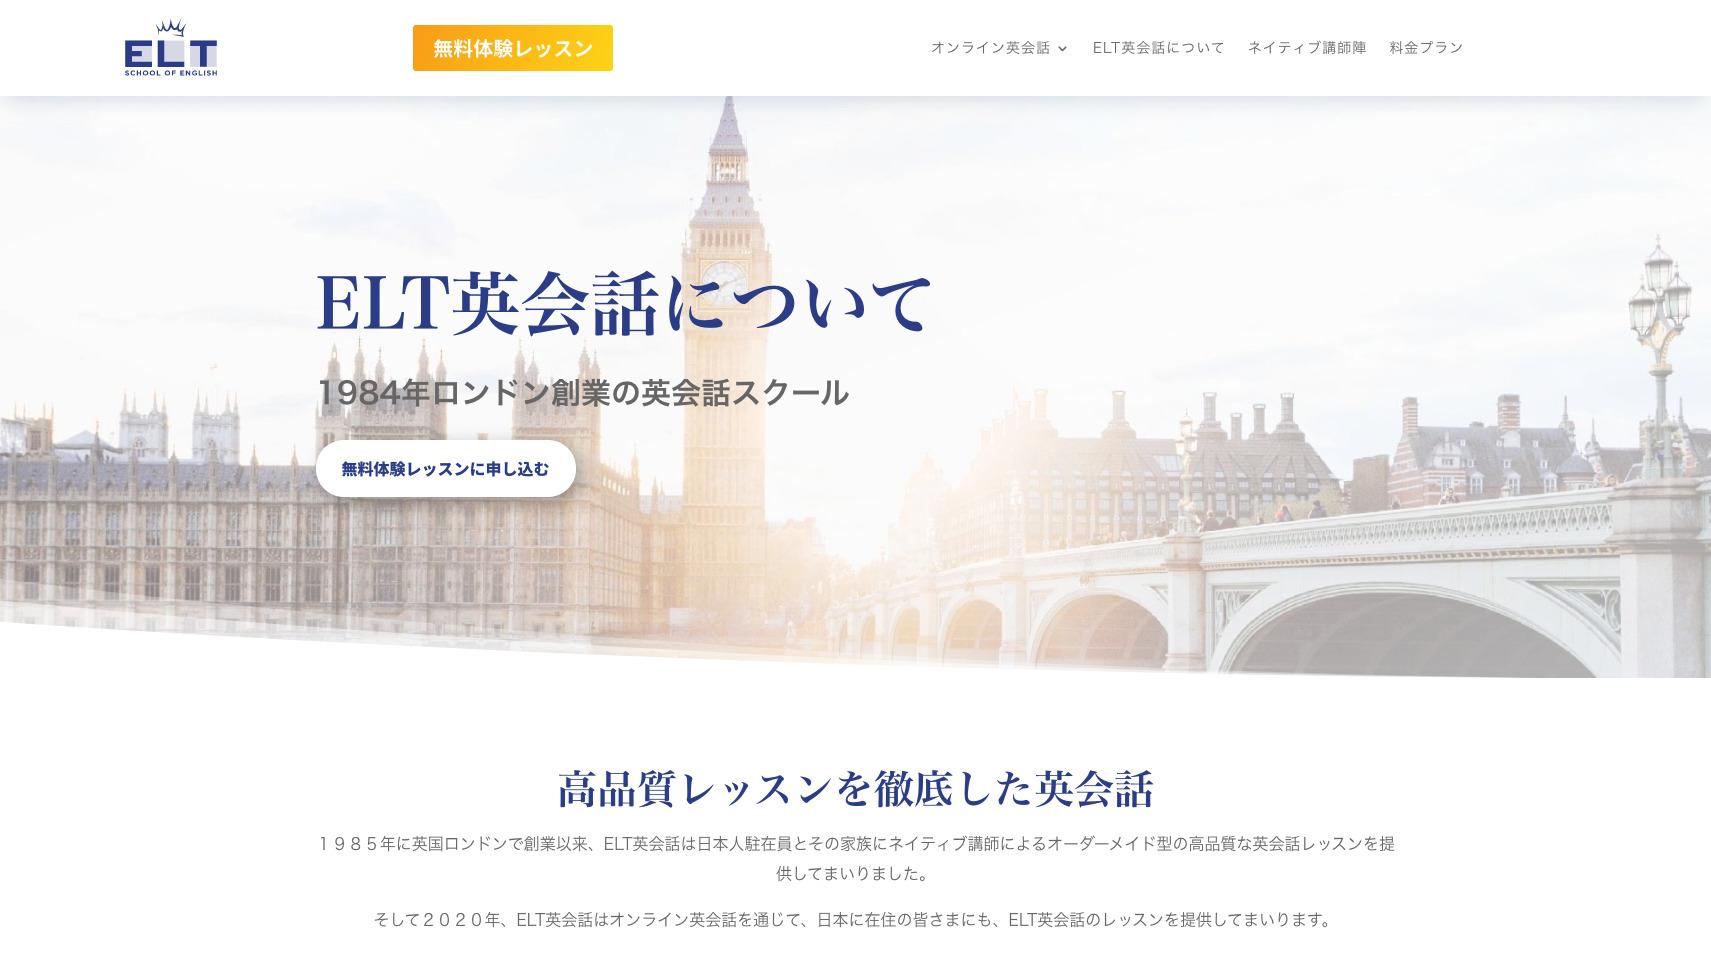 eltサイト